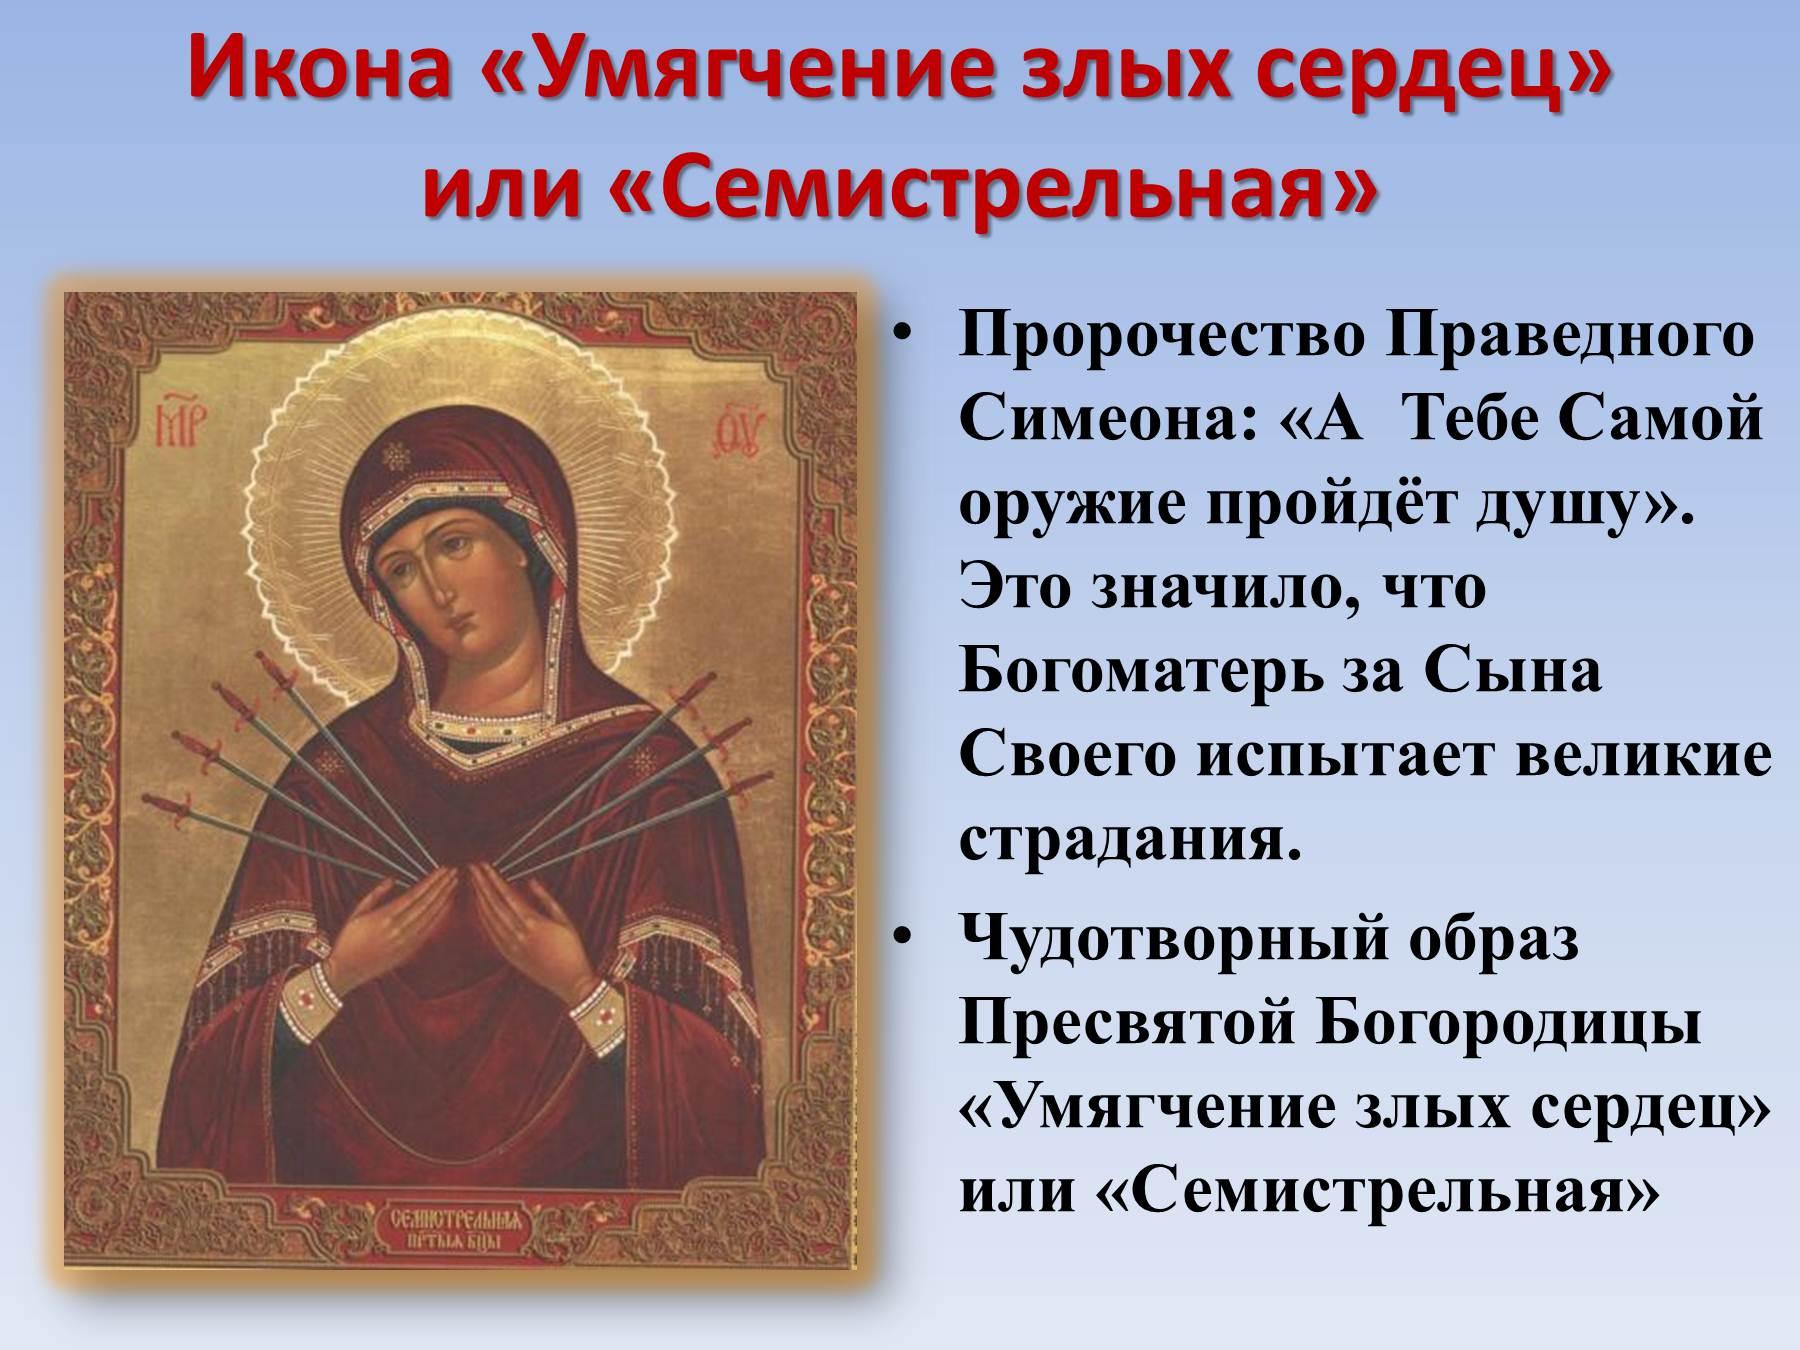 Семистрельная икона божьей матери картинки поздравления